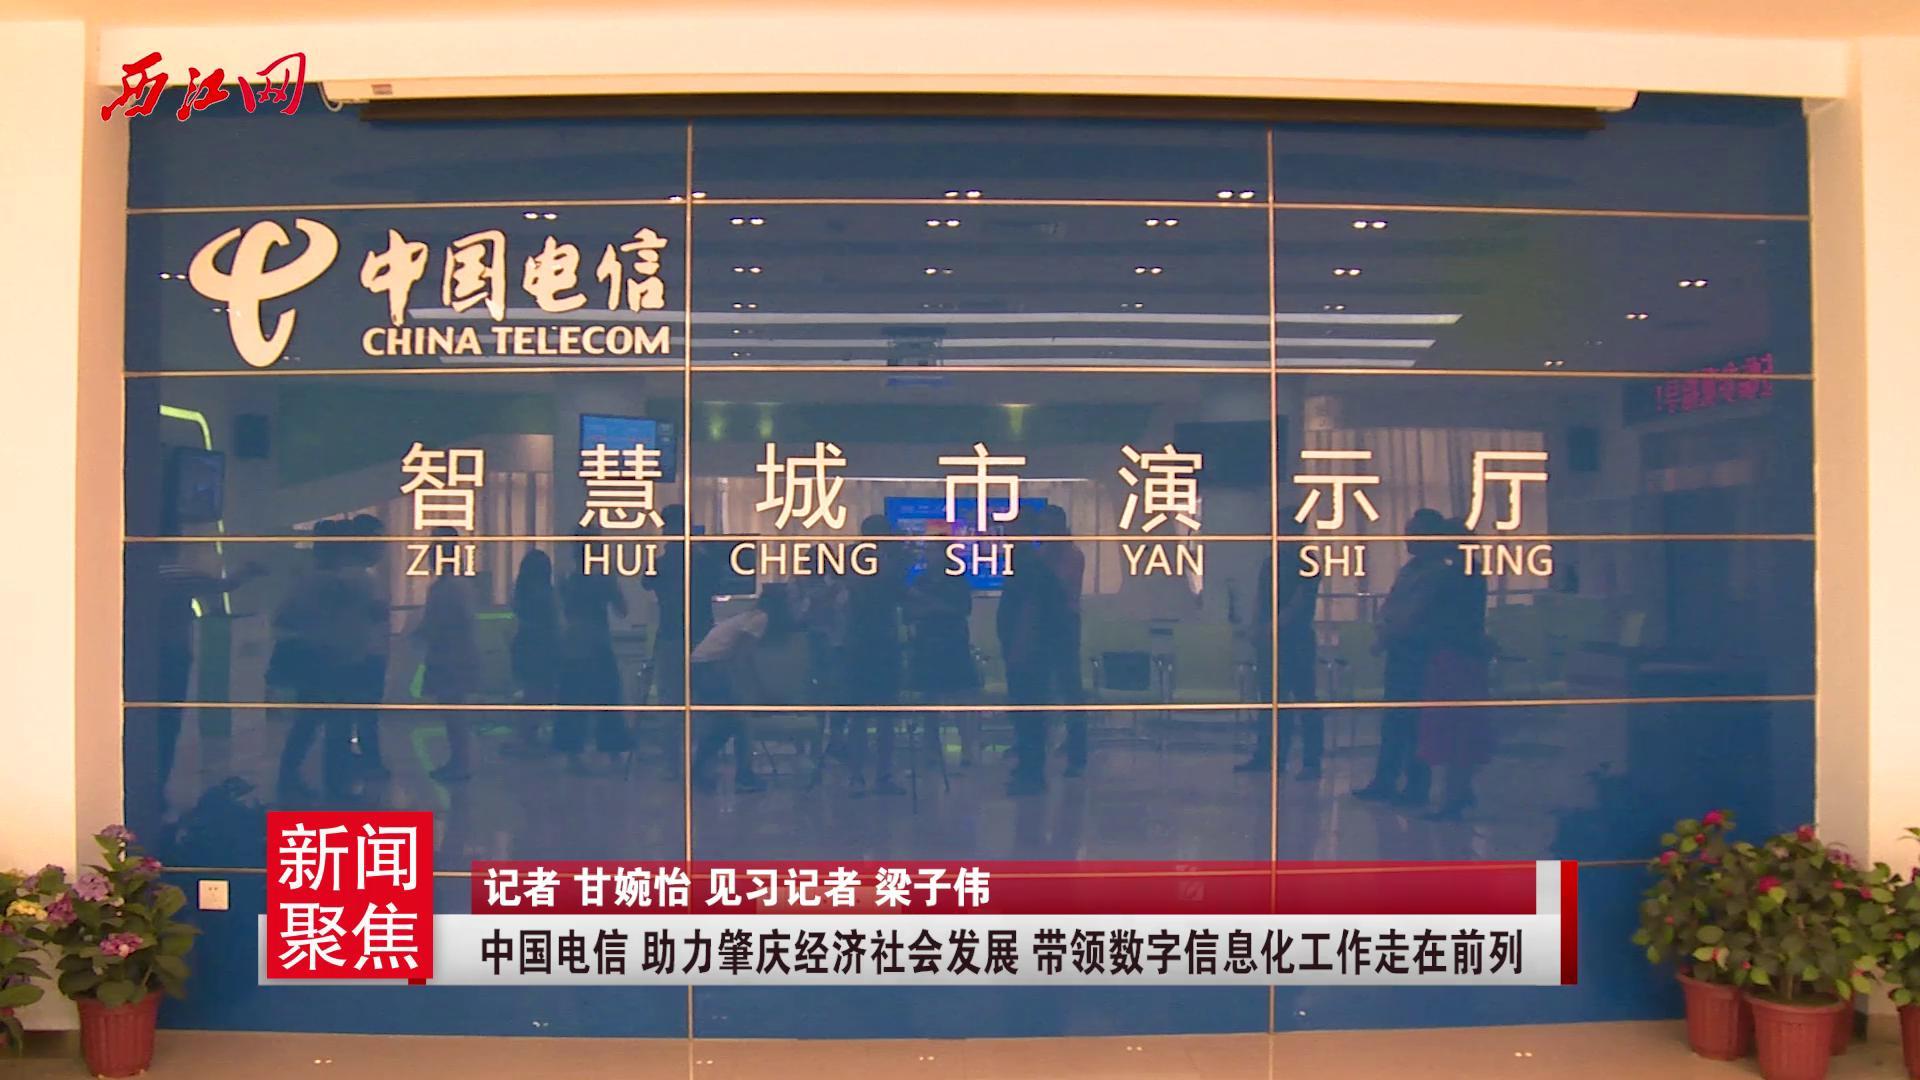 中国电信:助力肇庆经济社会发展 带领数字信息化工作走在前列